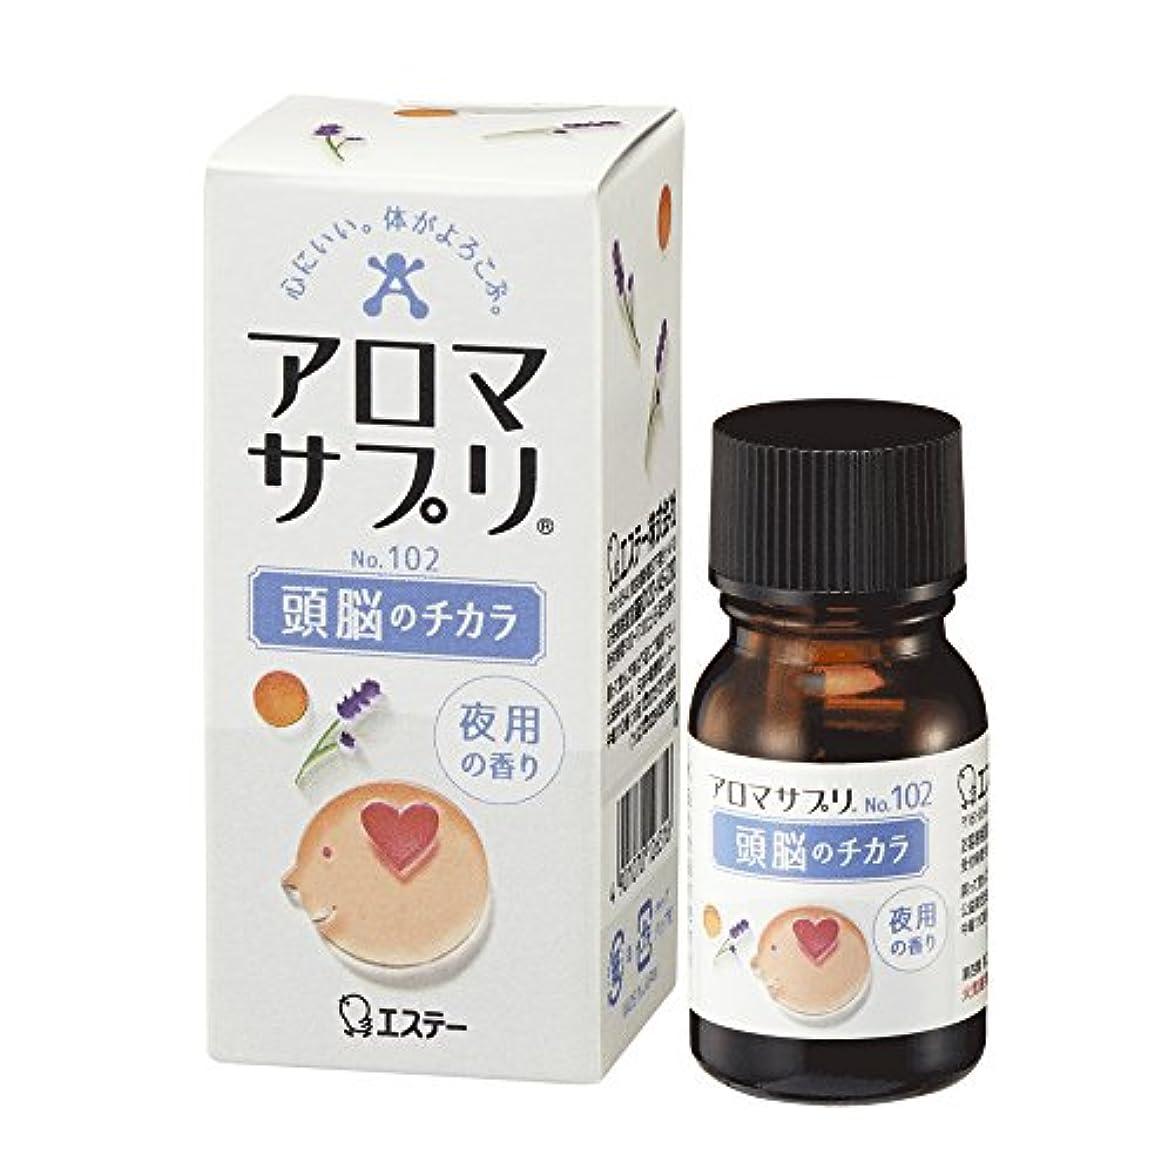 抑圧者快適ピストルアロマサプリ 100%天然ブレンドアロマ 頭脳のチカラ 夜用の香り 真正ラベンダー&スイートオレンジ 10ml (約60回分)